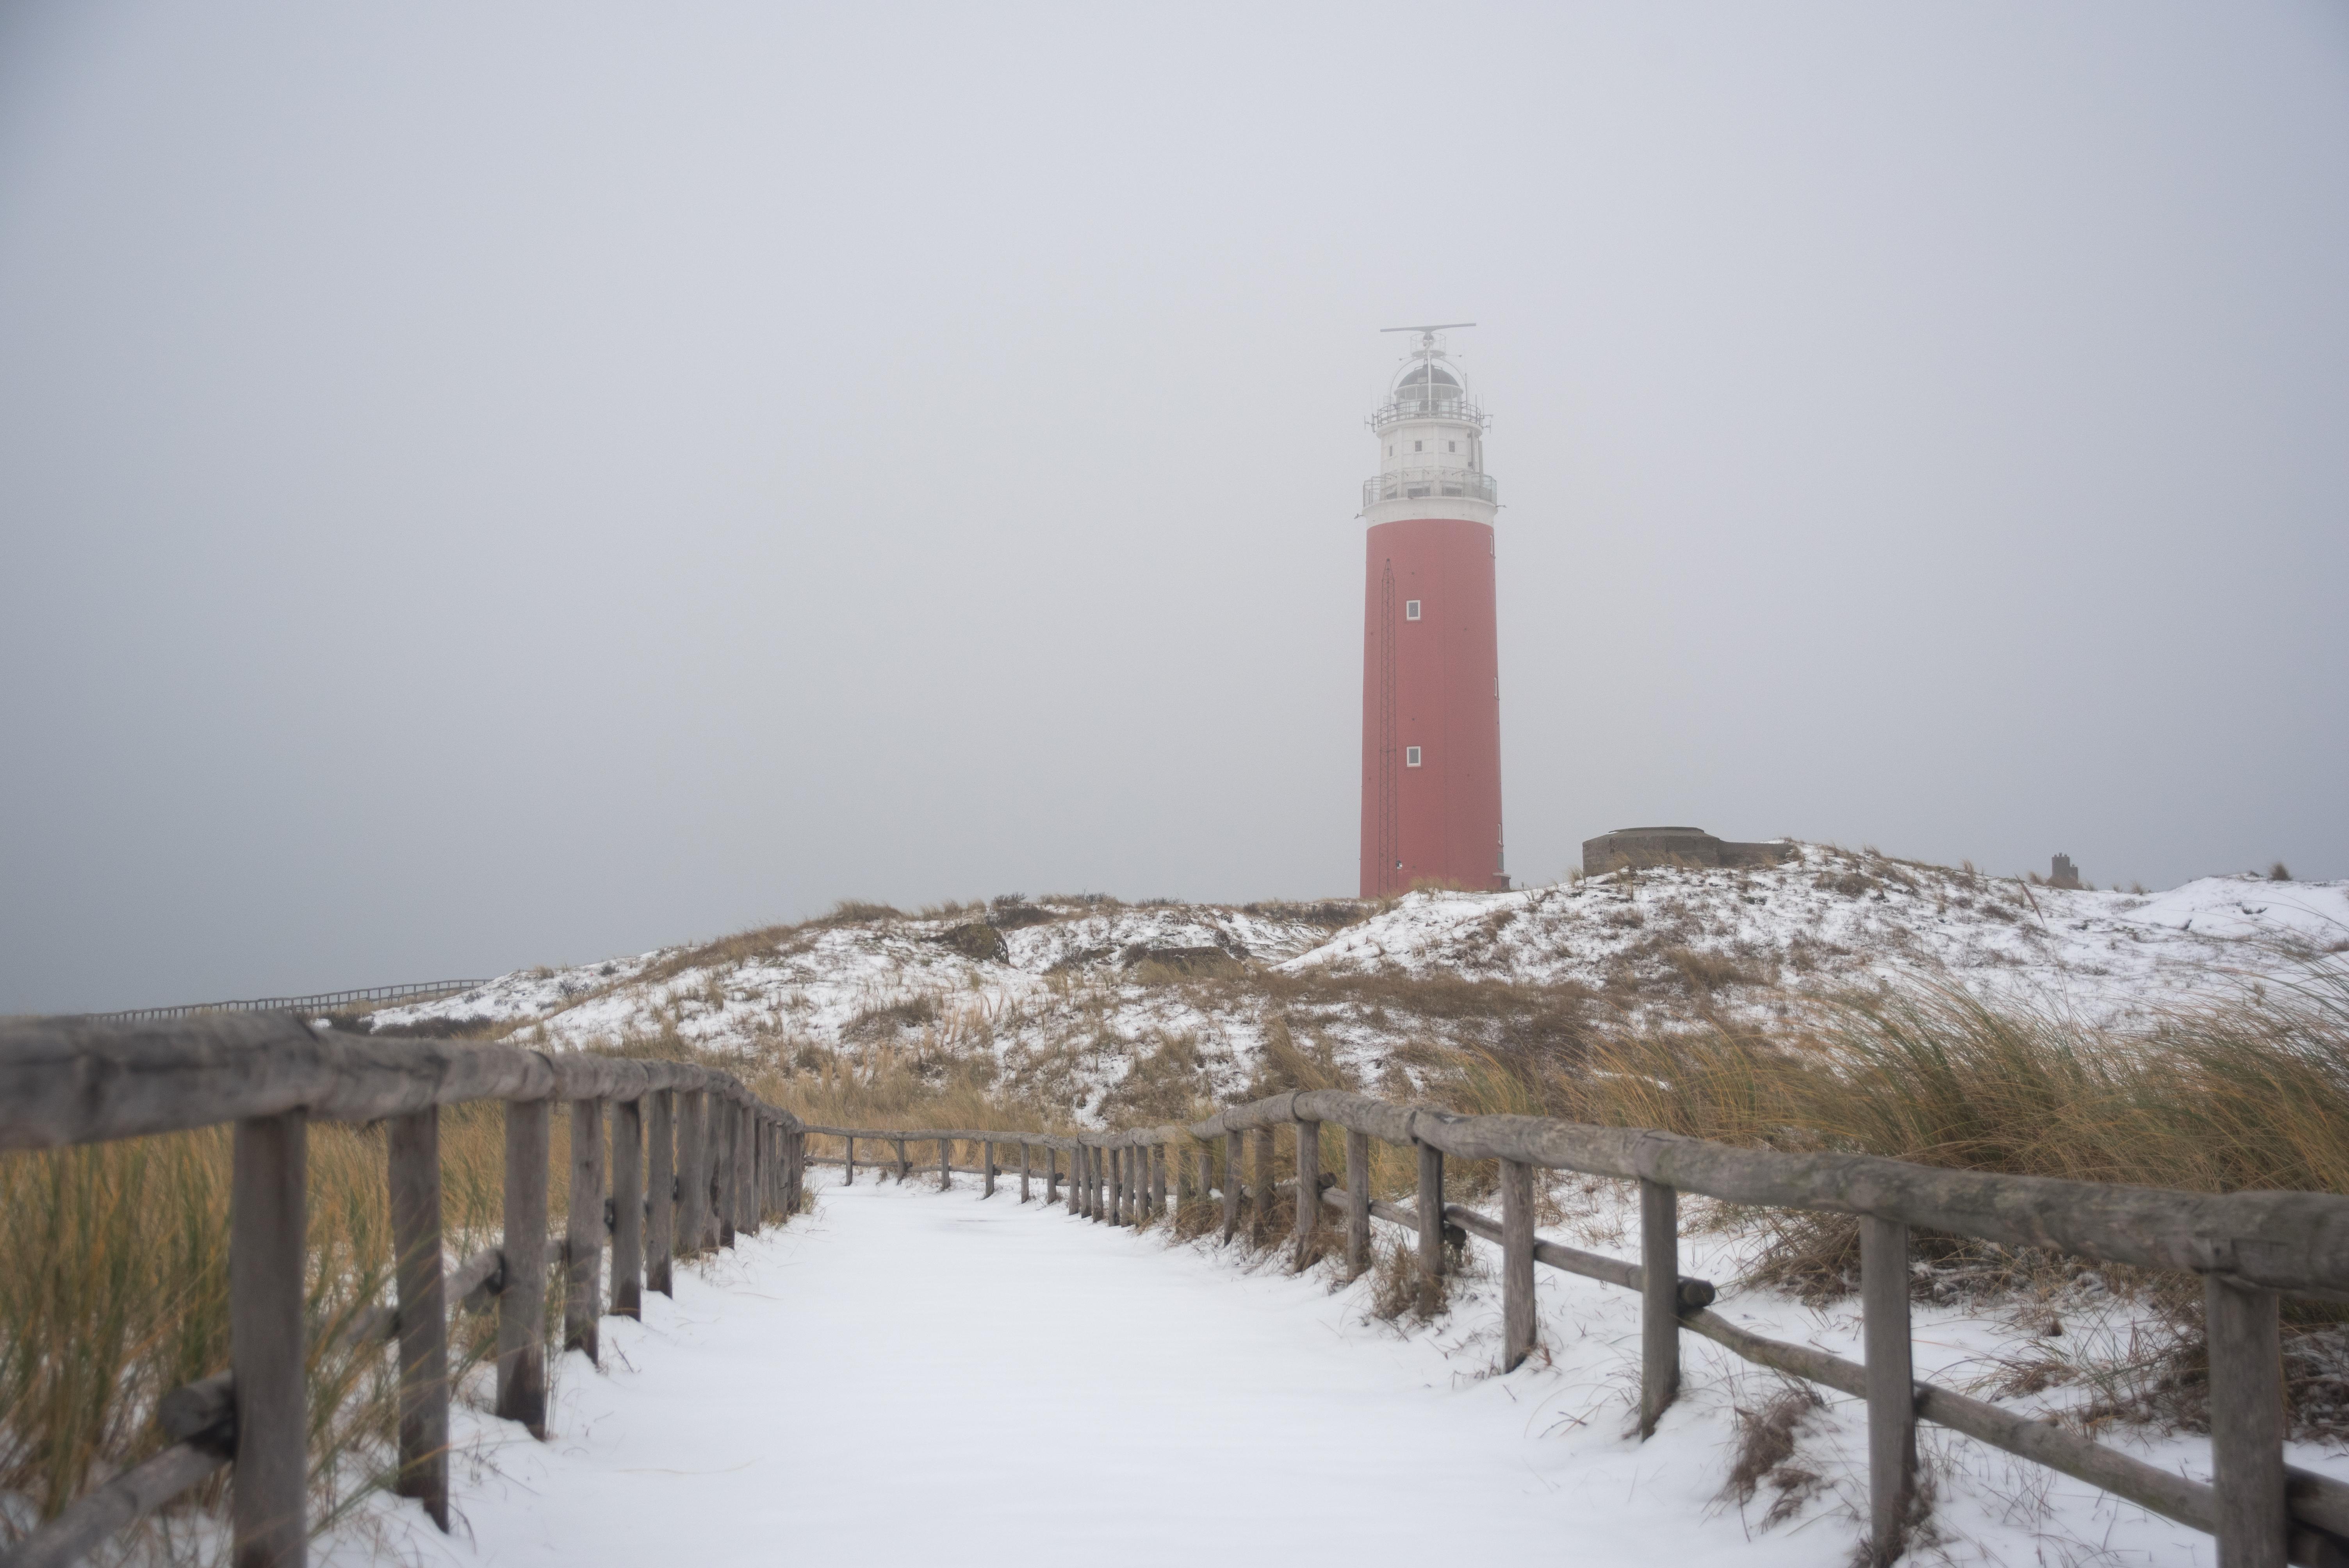 Vuurtoren in de sneeuw VVV Texel